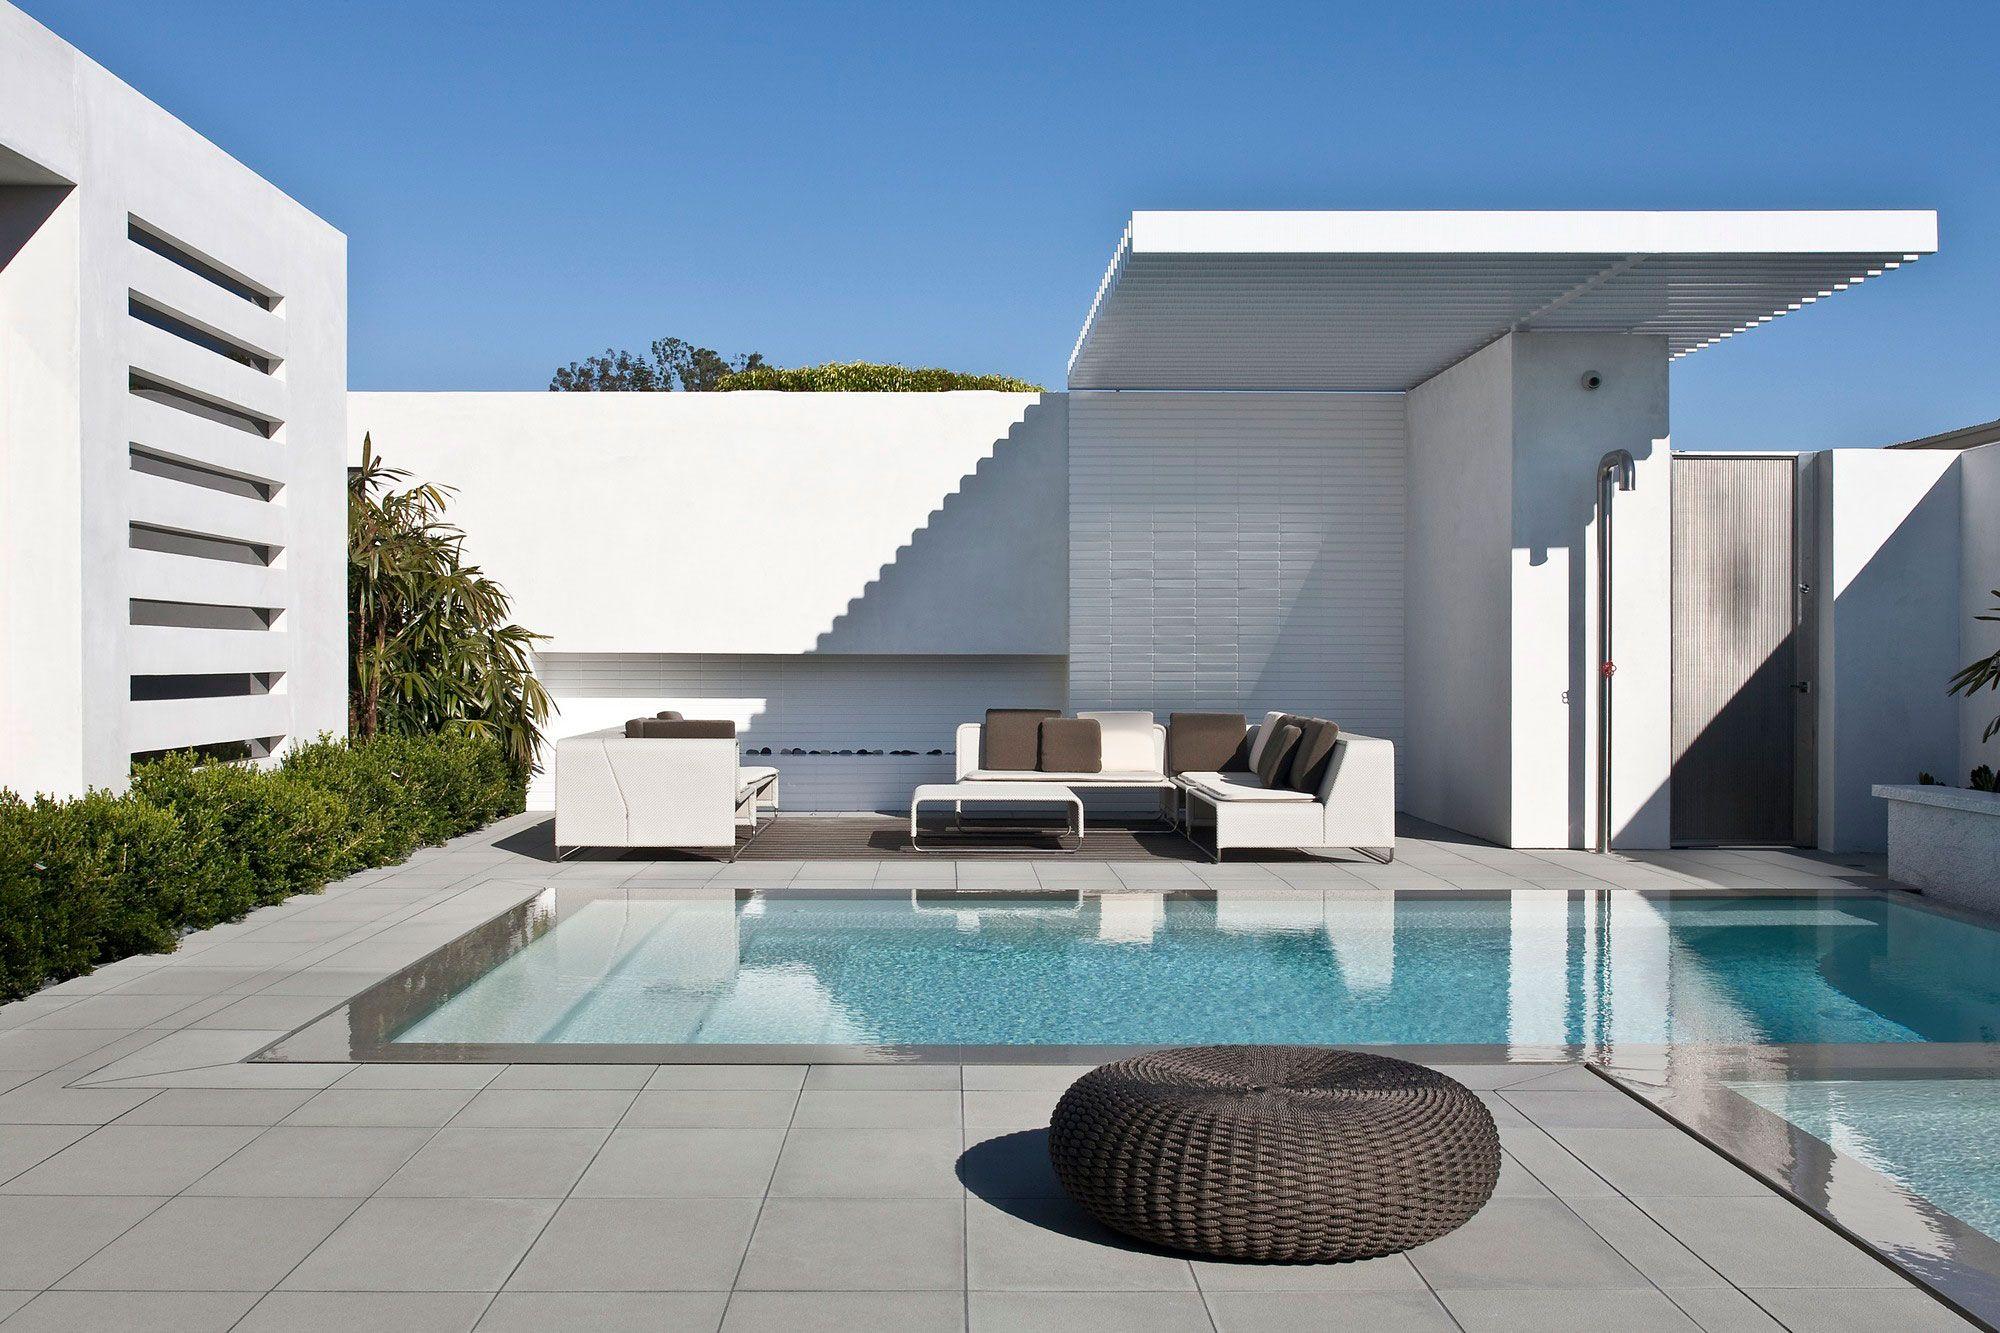 muebles piscina - Elige las mejores tumbonas para tu piscina ...